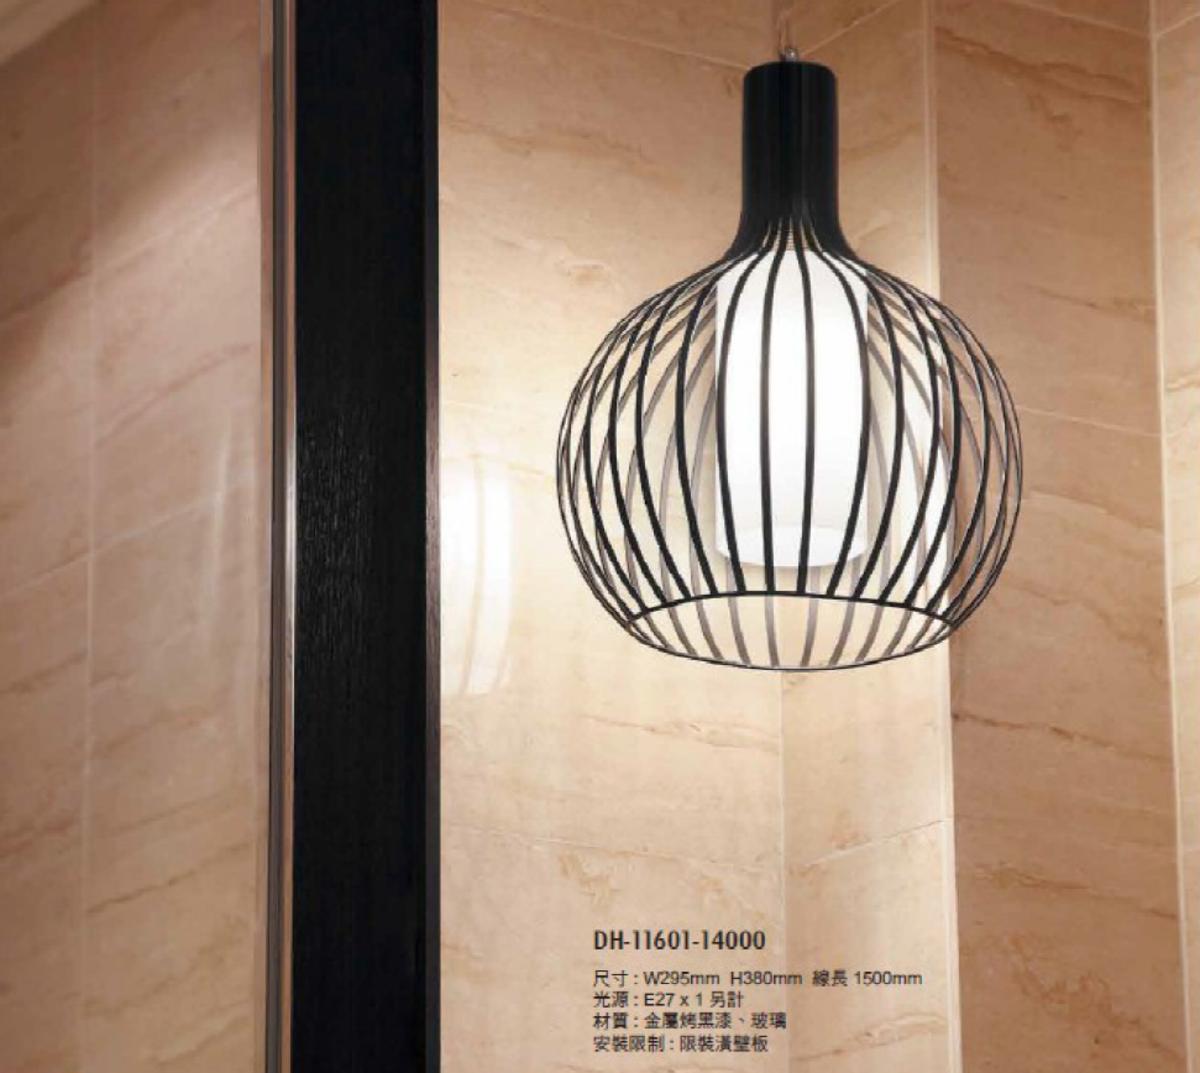 台灣舞光(居家照明)-吊燈 (DH11601)